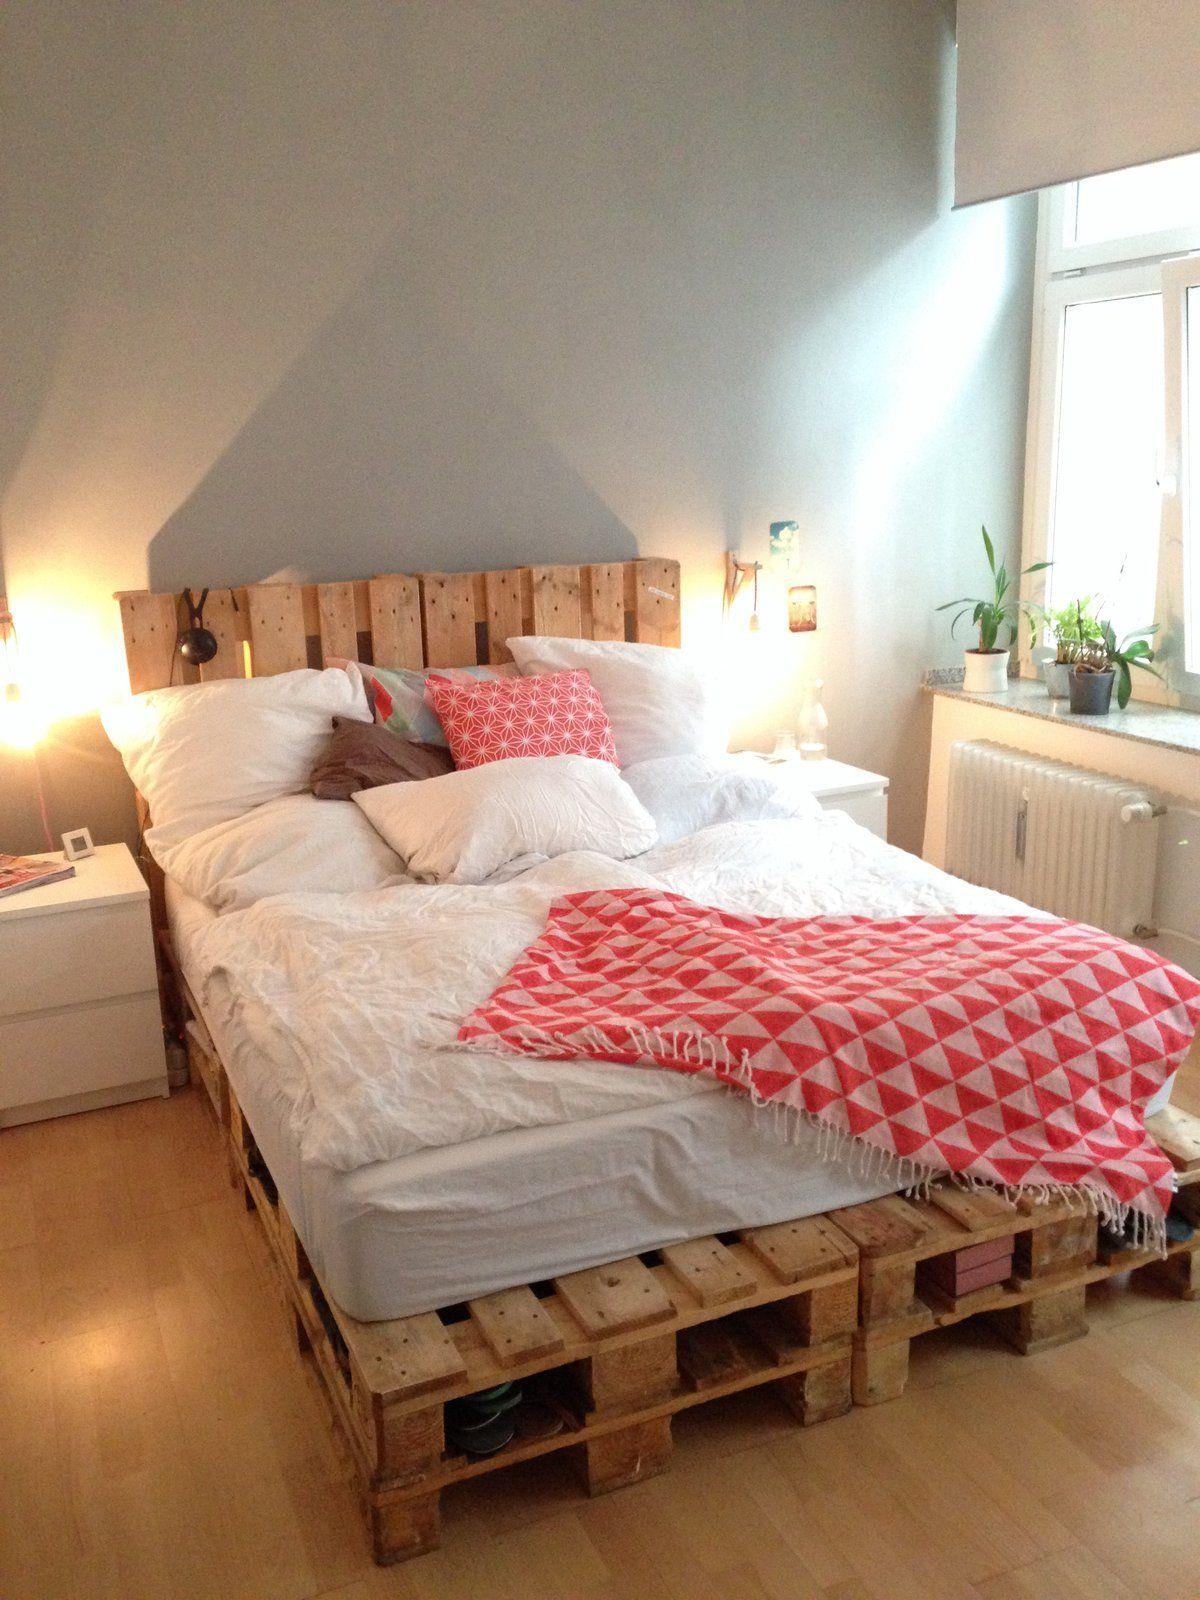 Palettenbett - zum Träumen - | room | Pinterest | Palettenbett, Bett ...